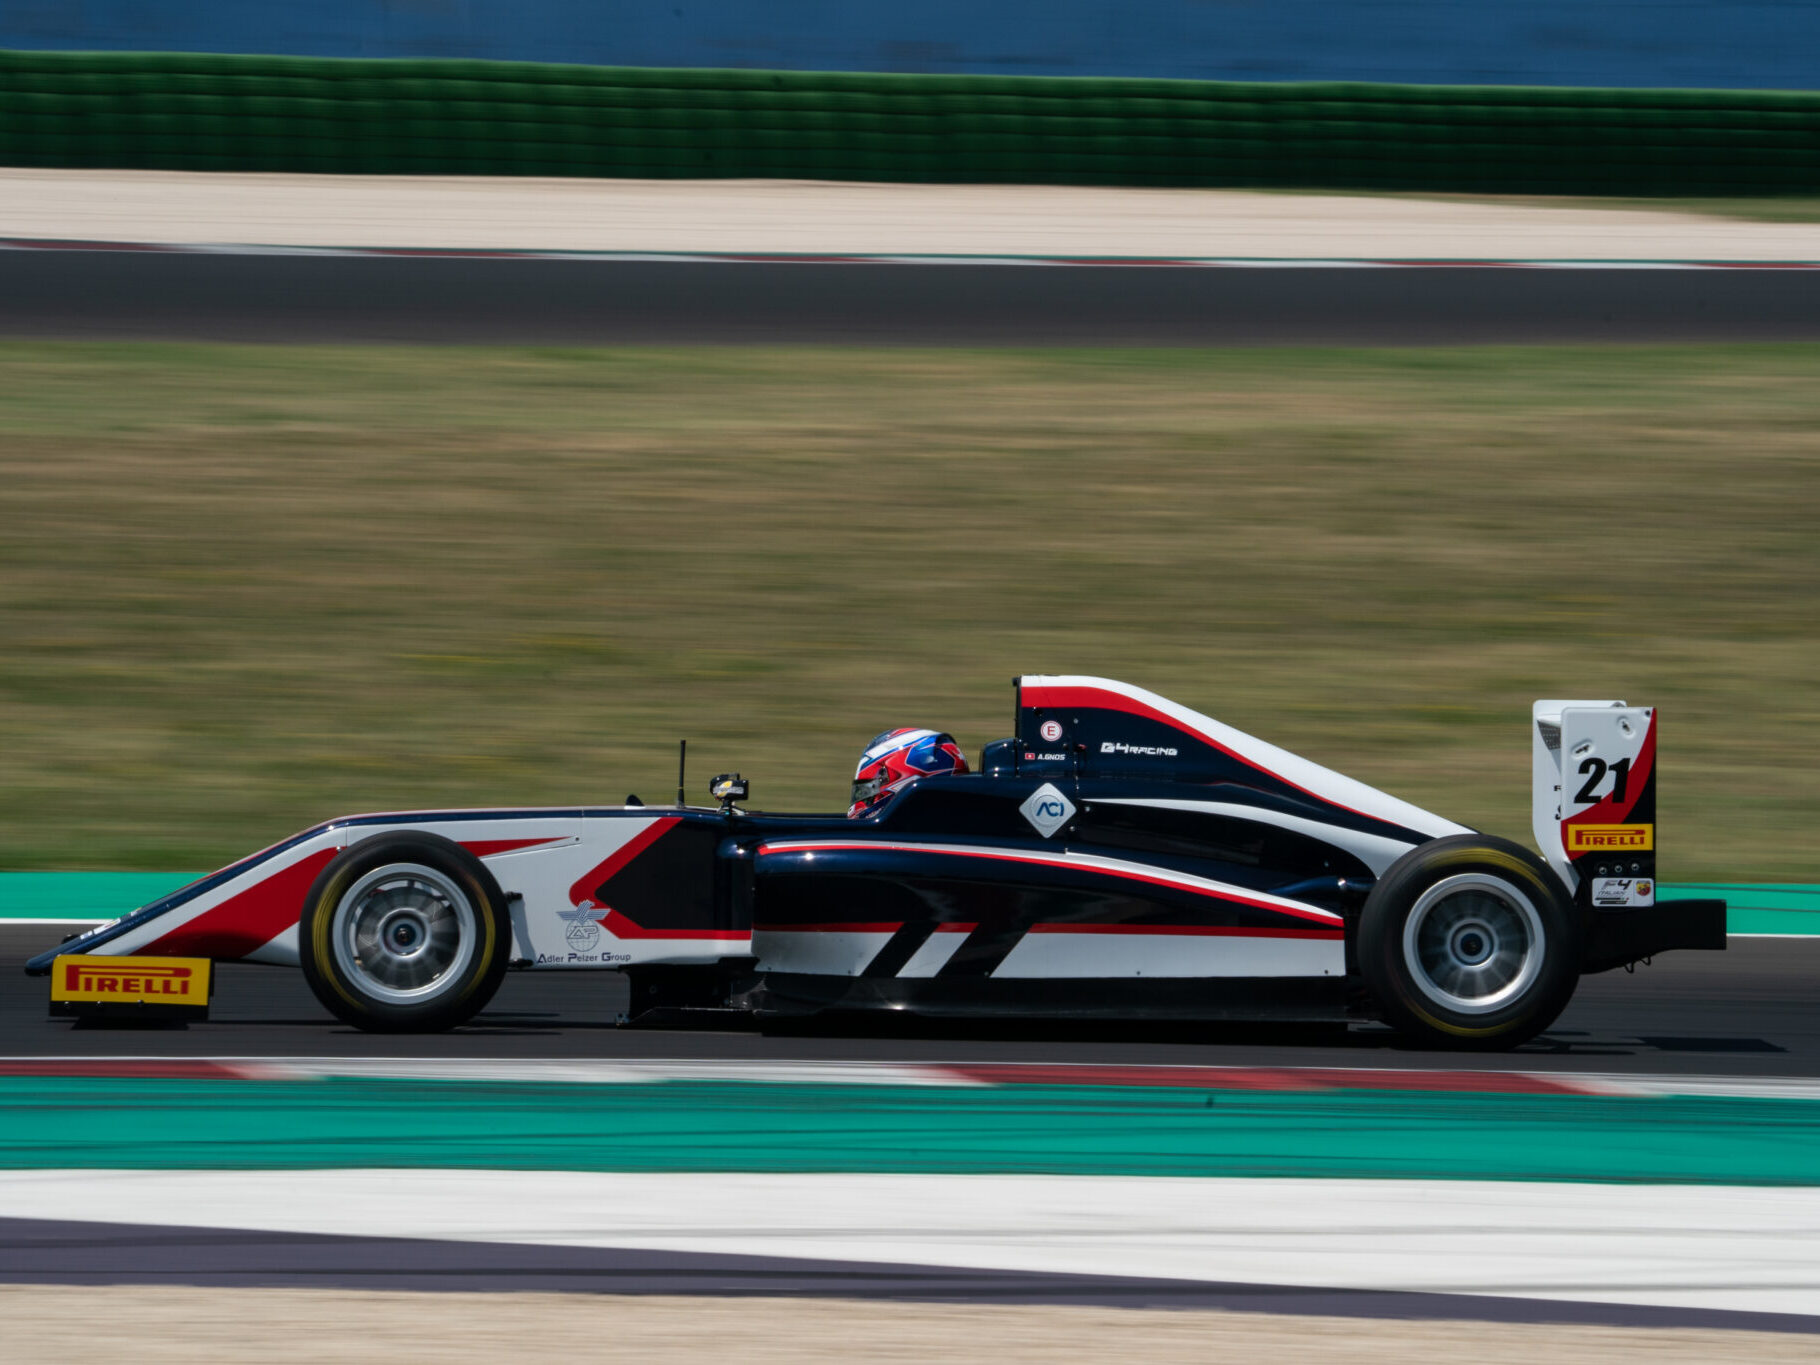 Formula 4 livery